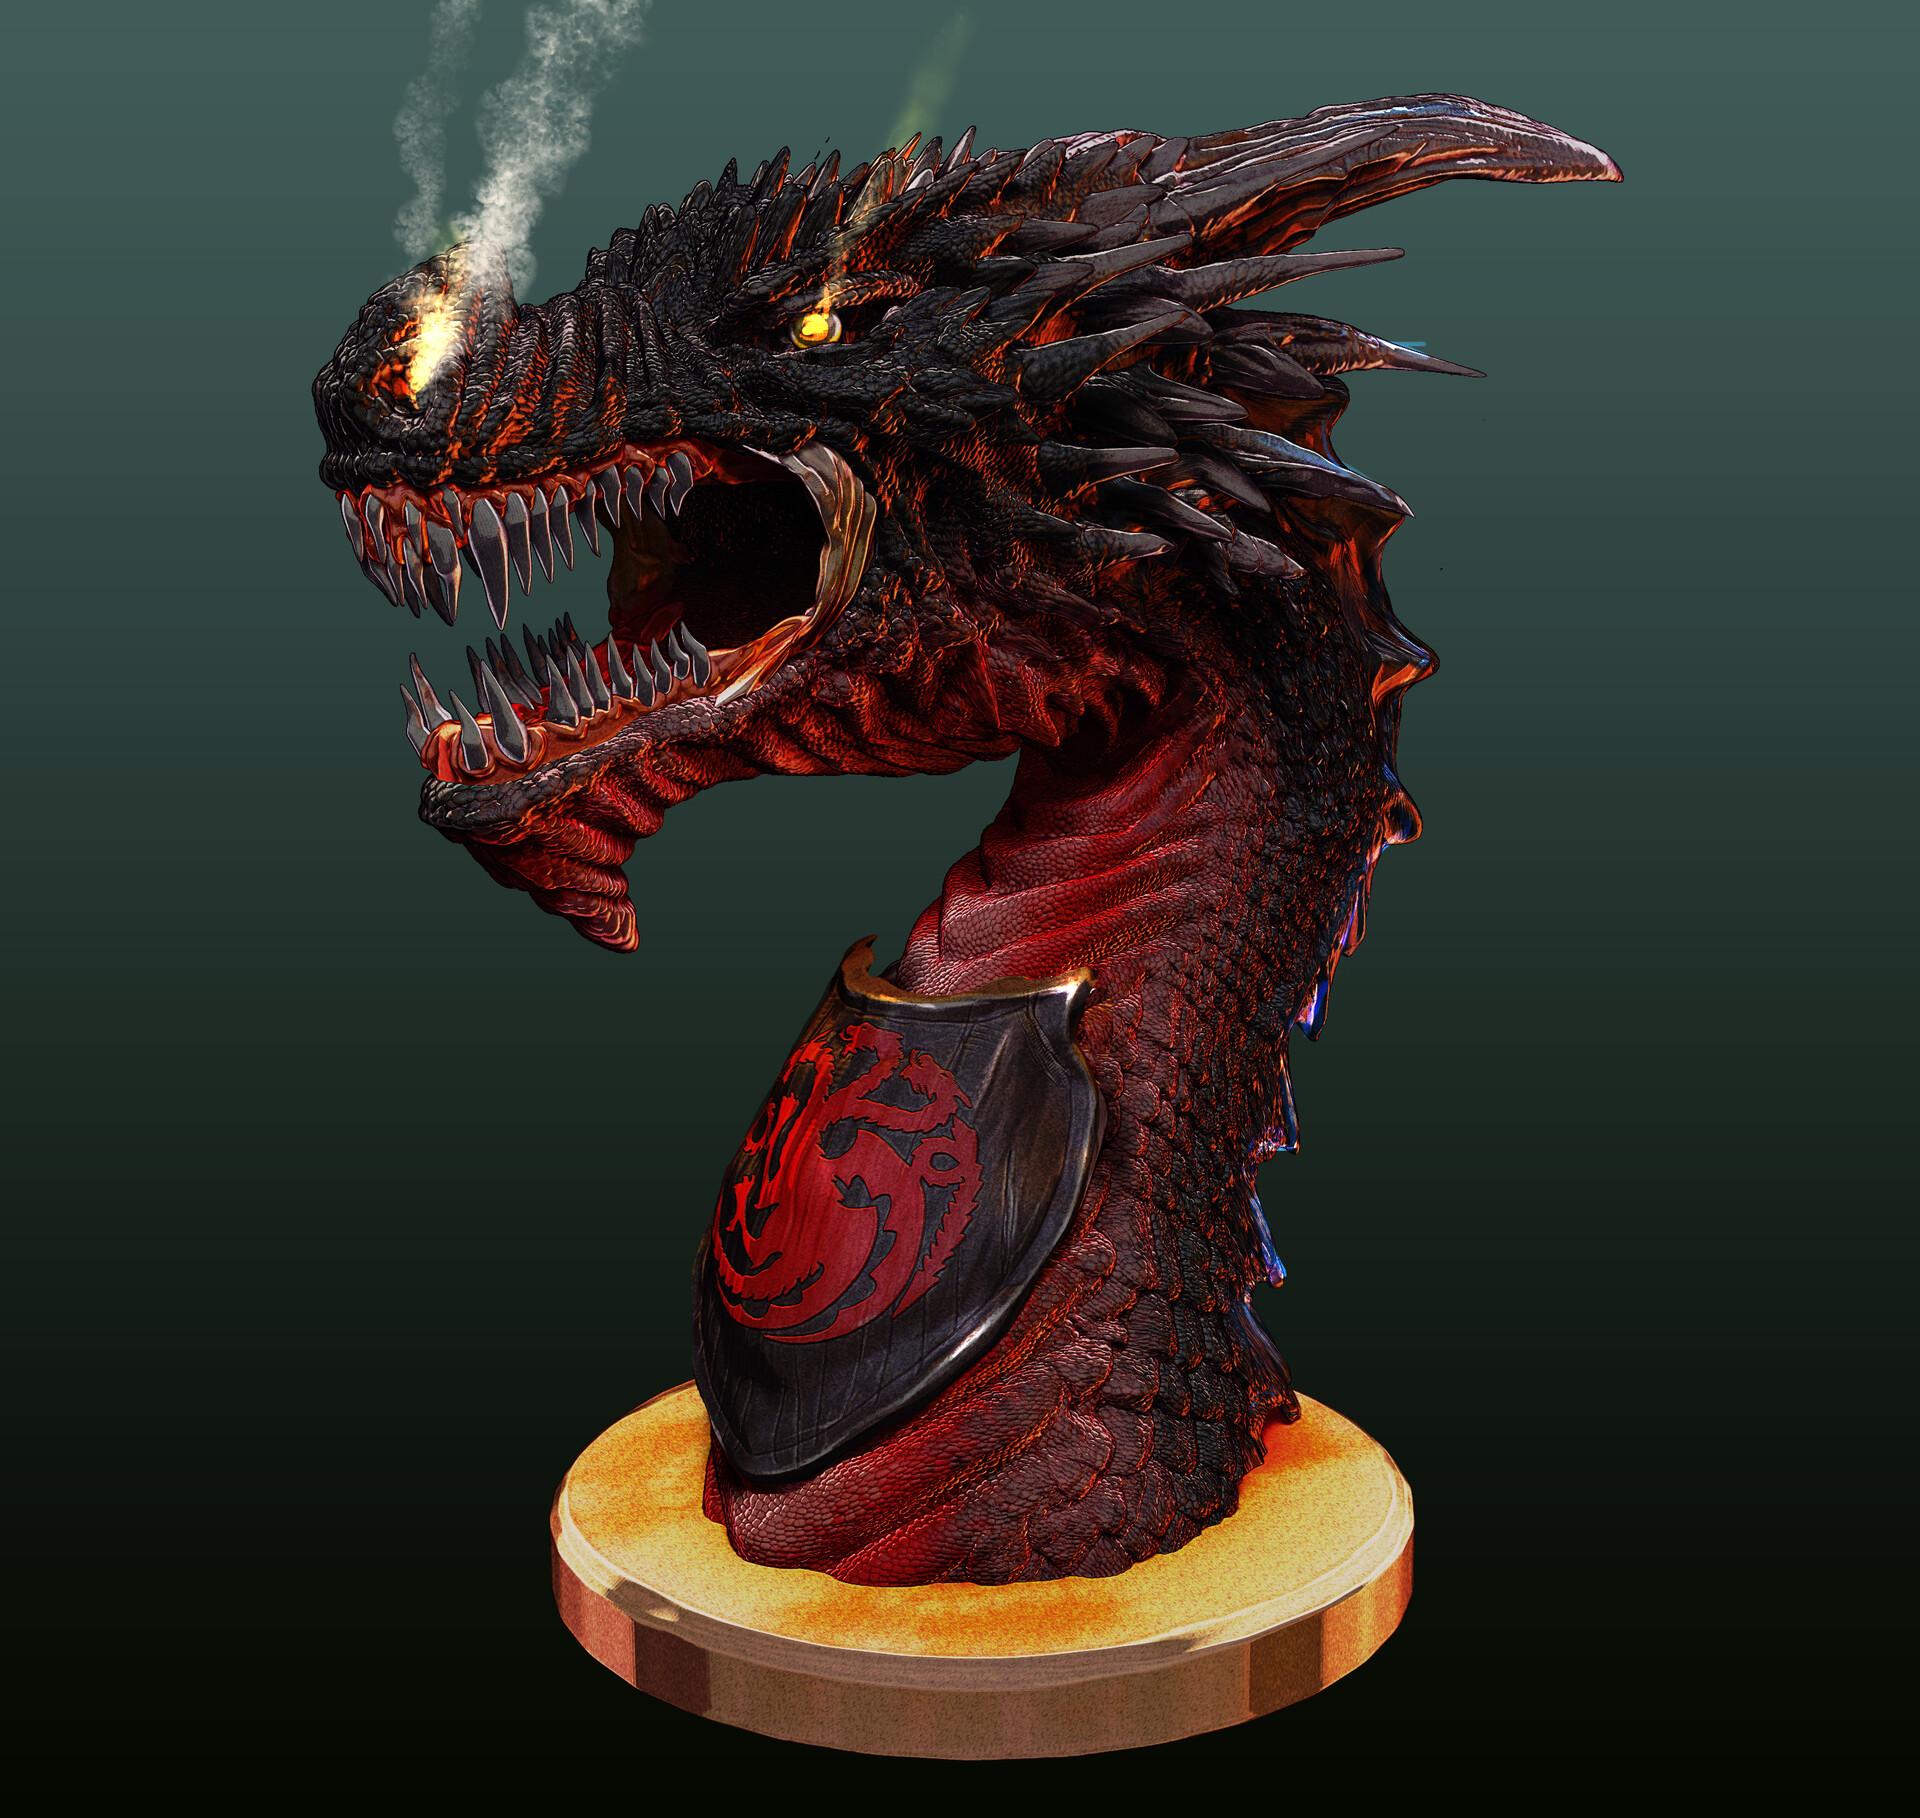 Jean paul ficition dragonhex